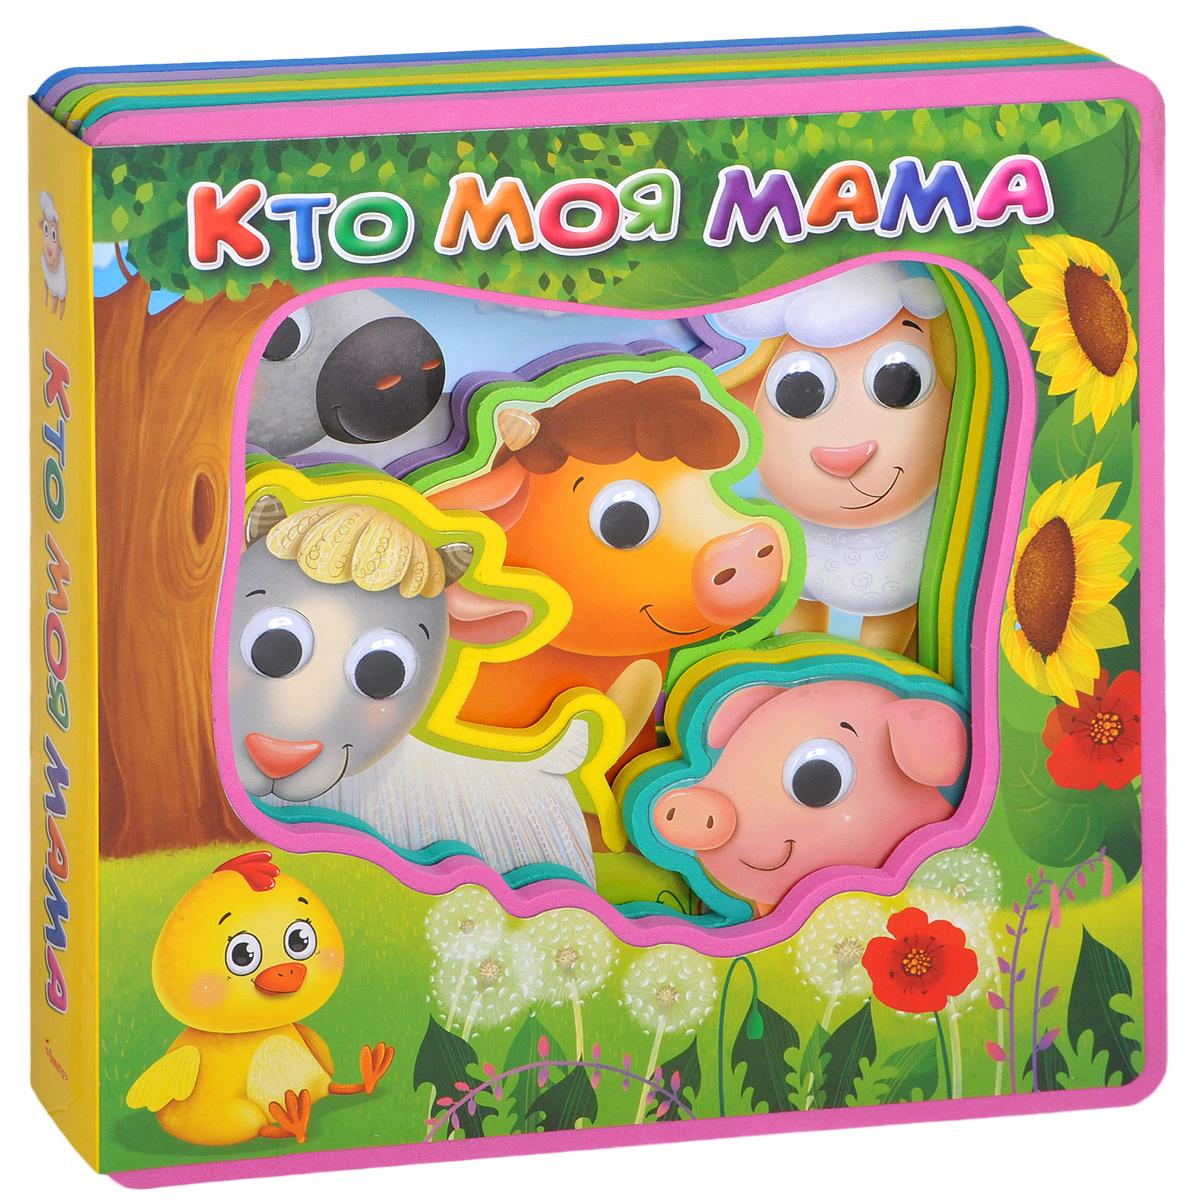 Кто моя мама. Книжка-игрушка, И. Шестаков